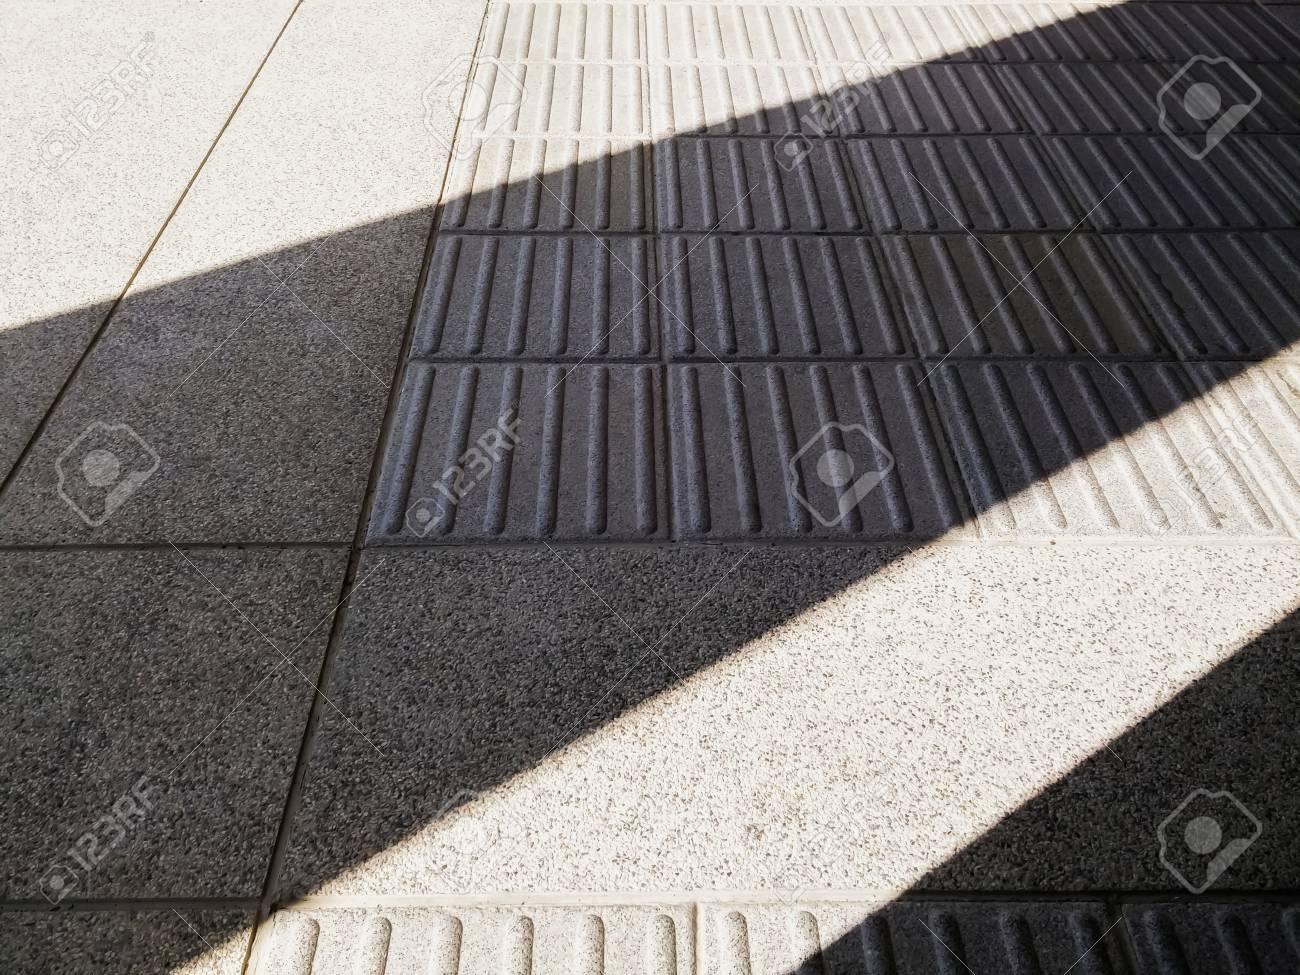 Pattern Of Terrazzo Floor Tiles With Light Contrast